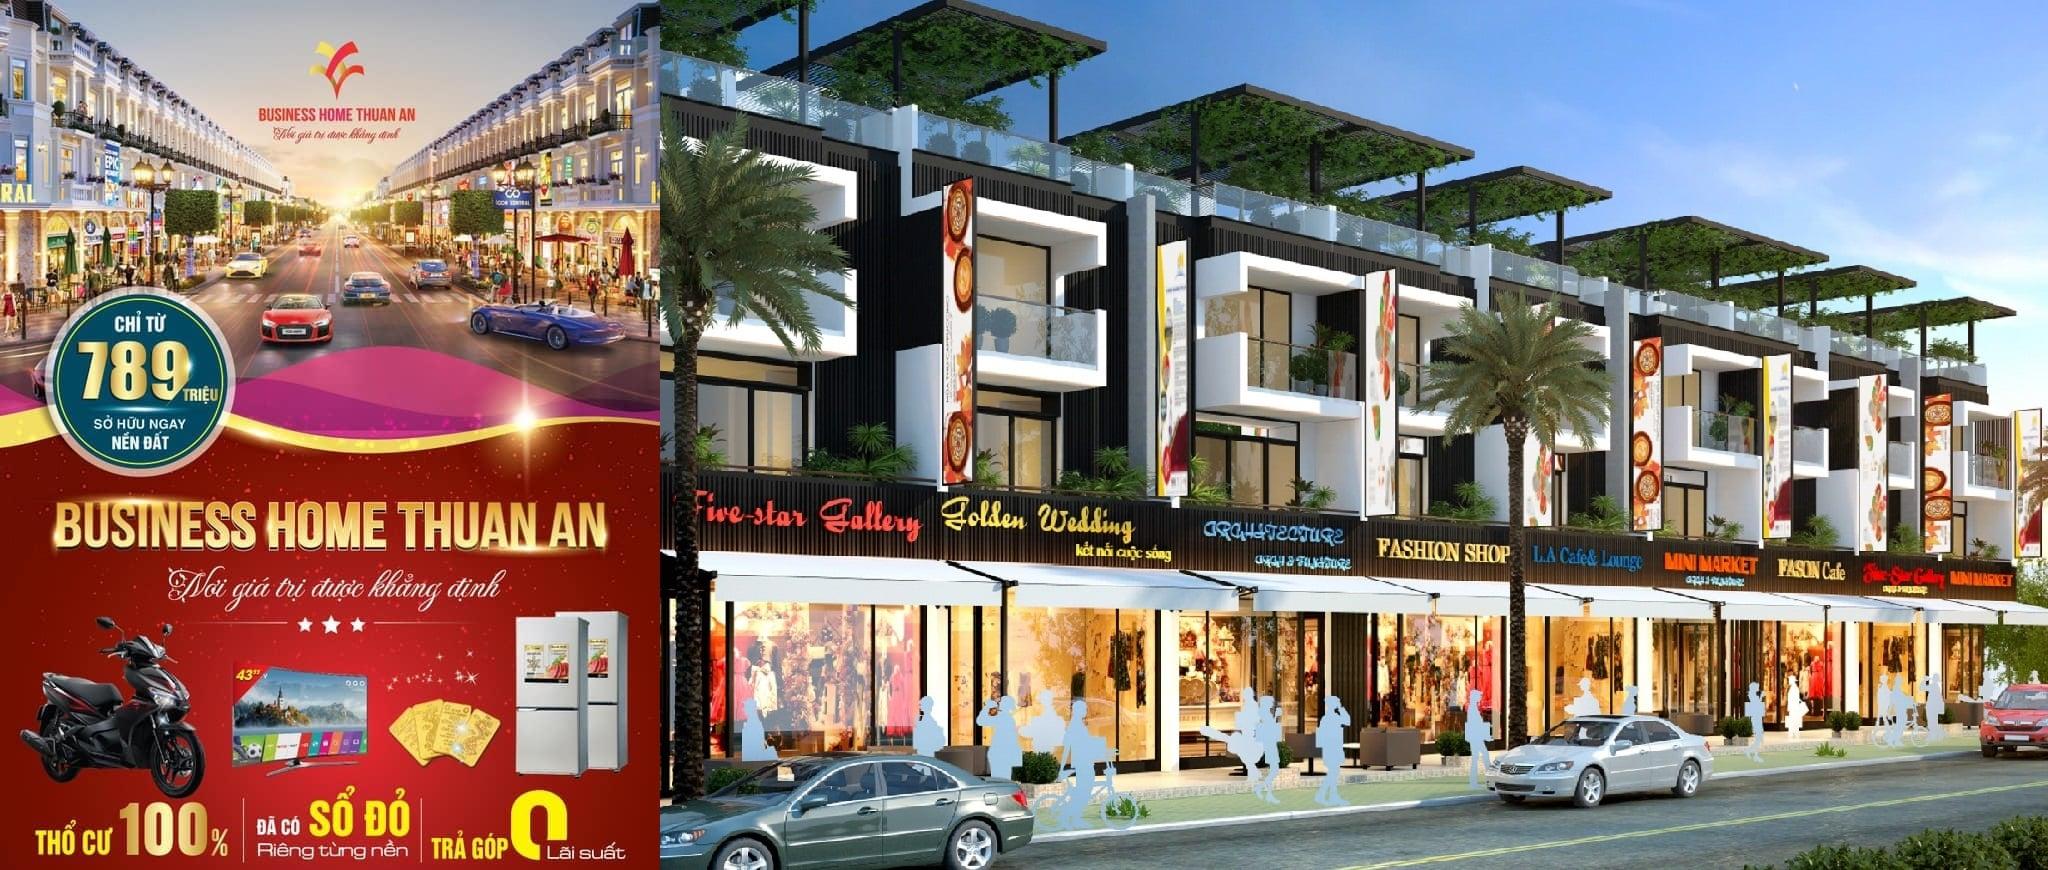 Giá bán dự án Business Home Thuận An Bình Dương